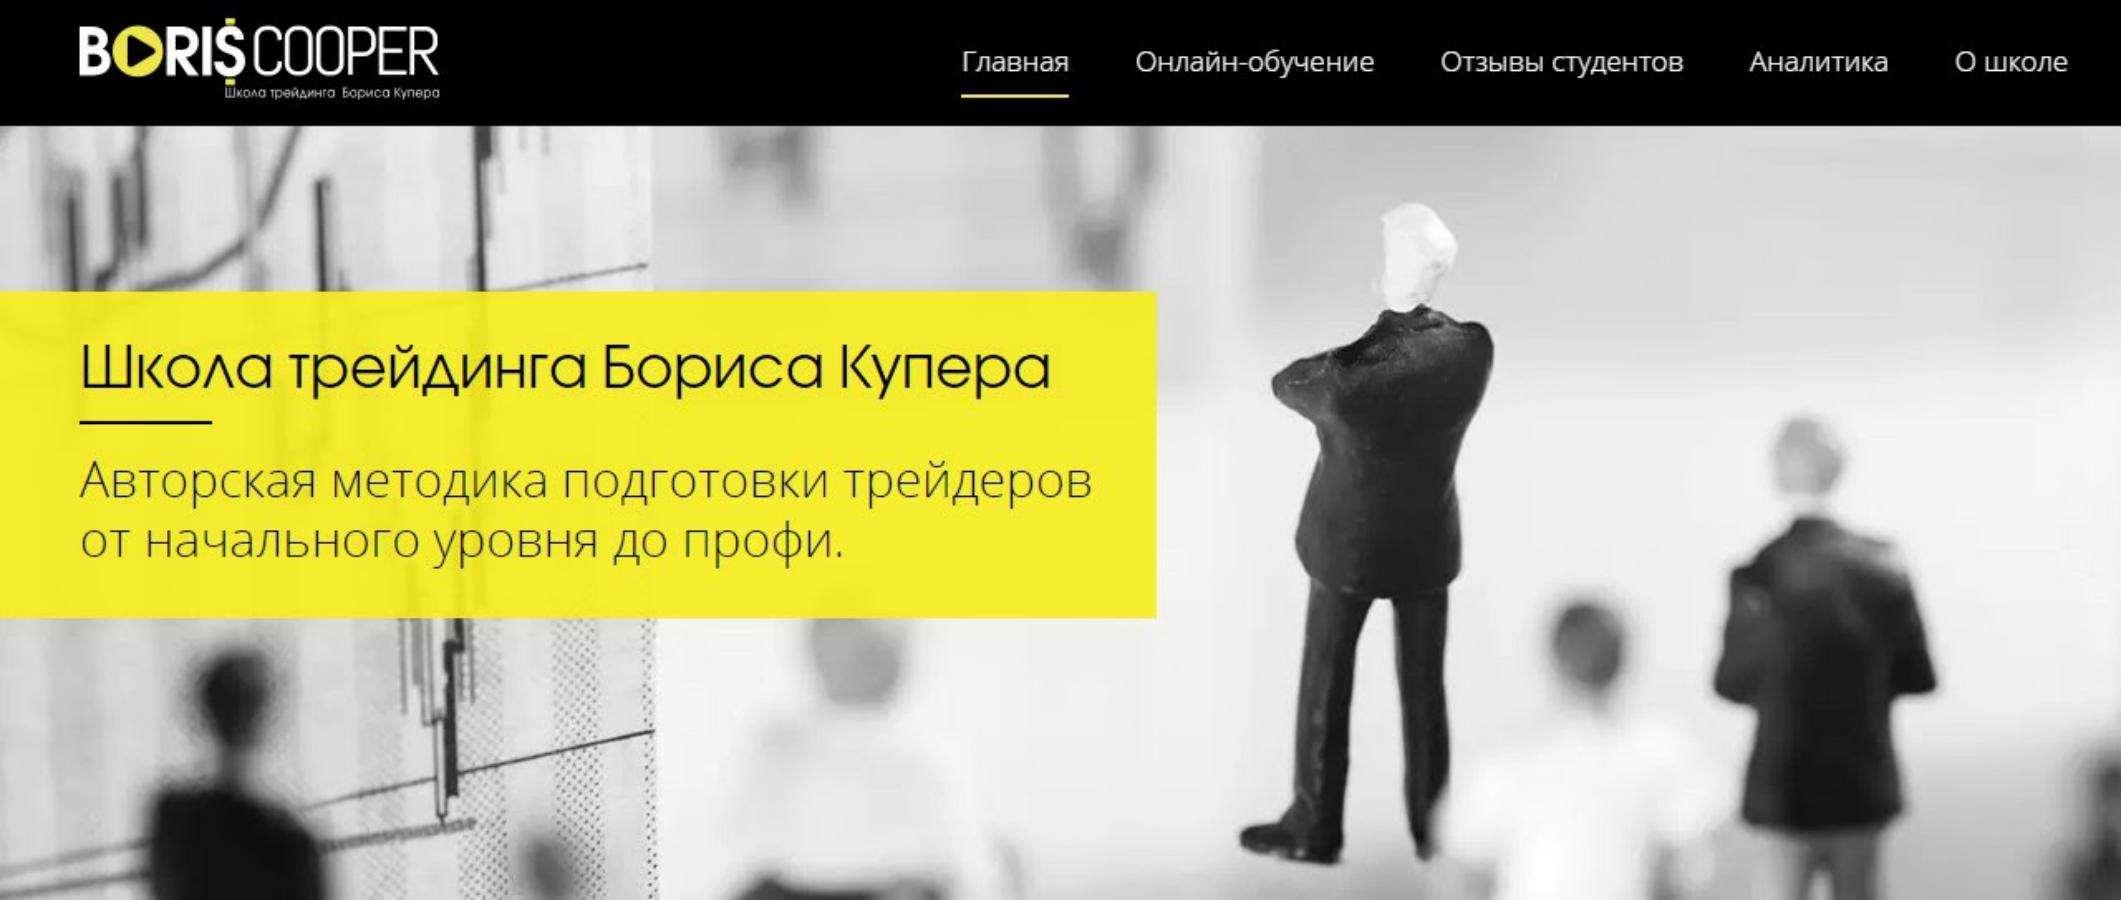 Школа BorisCooper: обзор программы обучения